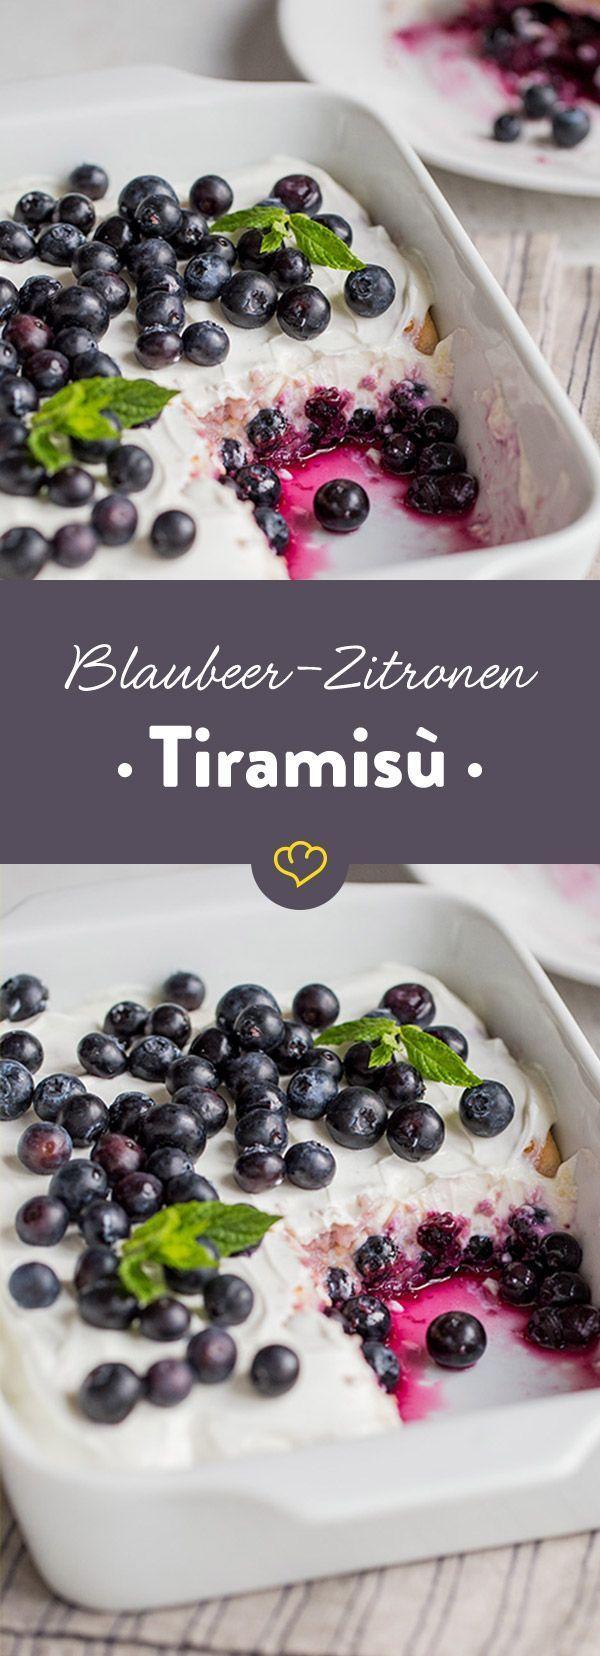 Tiramisu geht eigentlich immer, oder? Vor allem in dieser extrafrischen Sommer-Variante mit süßen Blaubeeren und cremigem Joghurt. Probier es gleich aus!